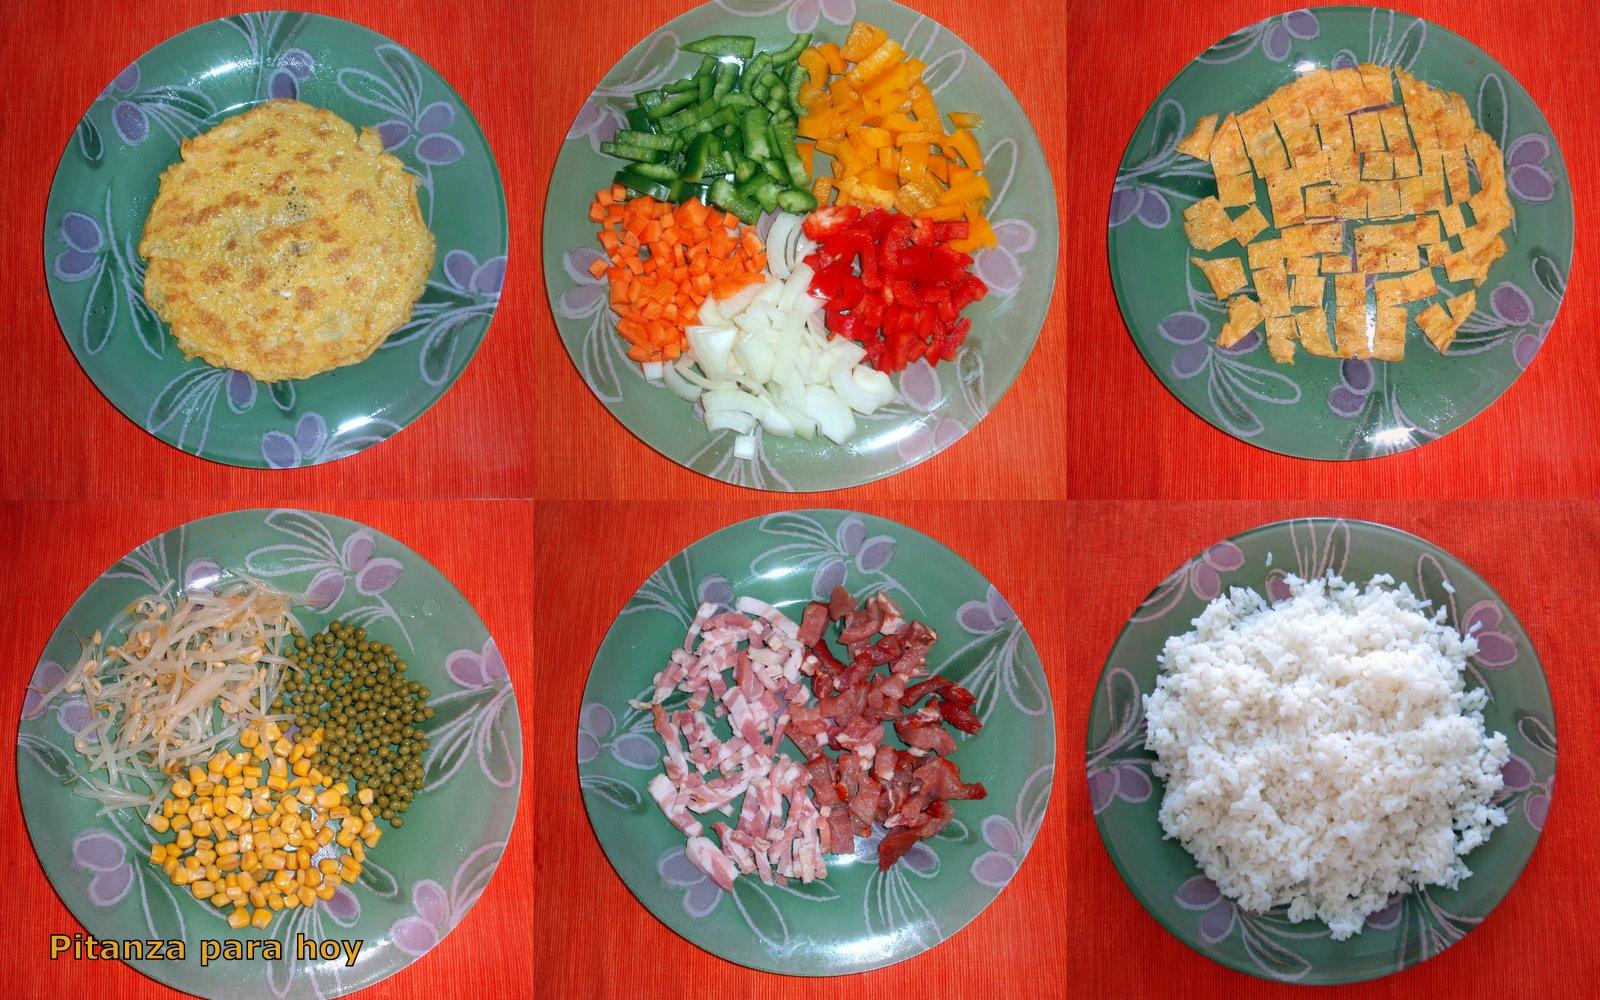 Pitanza para hoy arroz frito al estilo chino - Como hacer pimientos verdes fritos ...